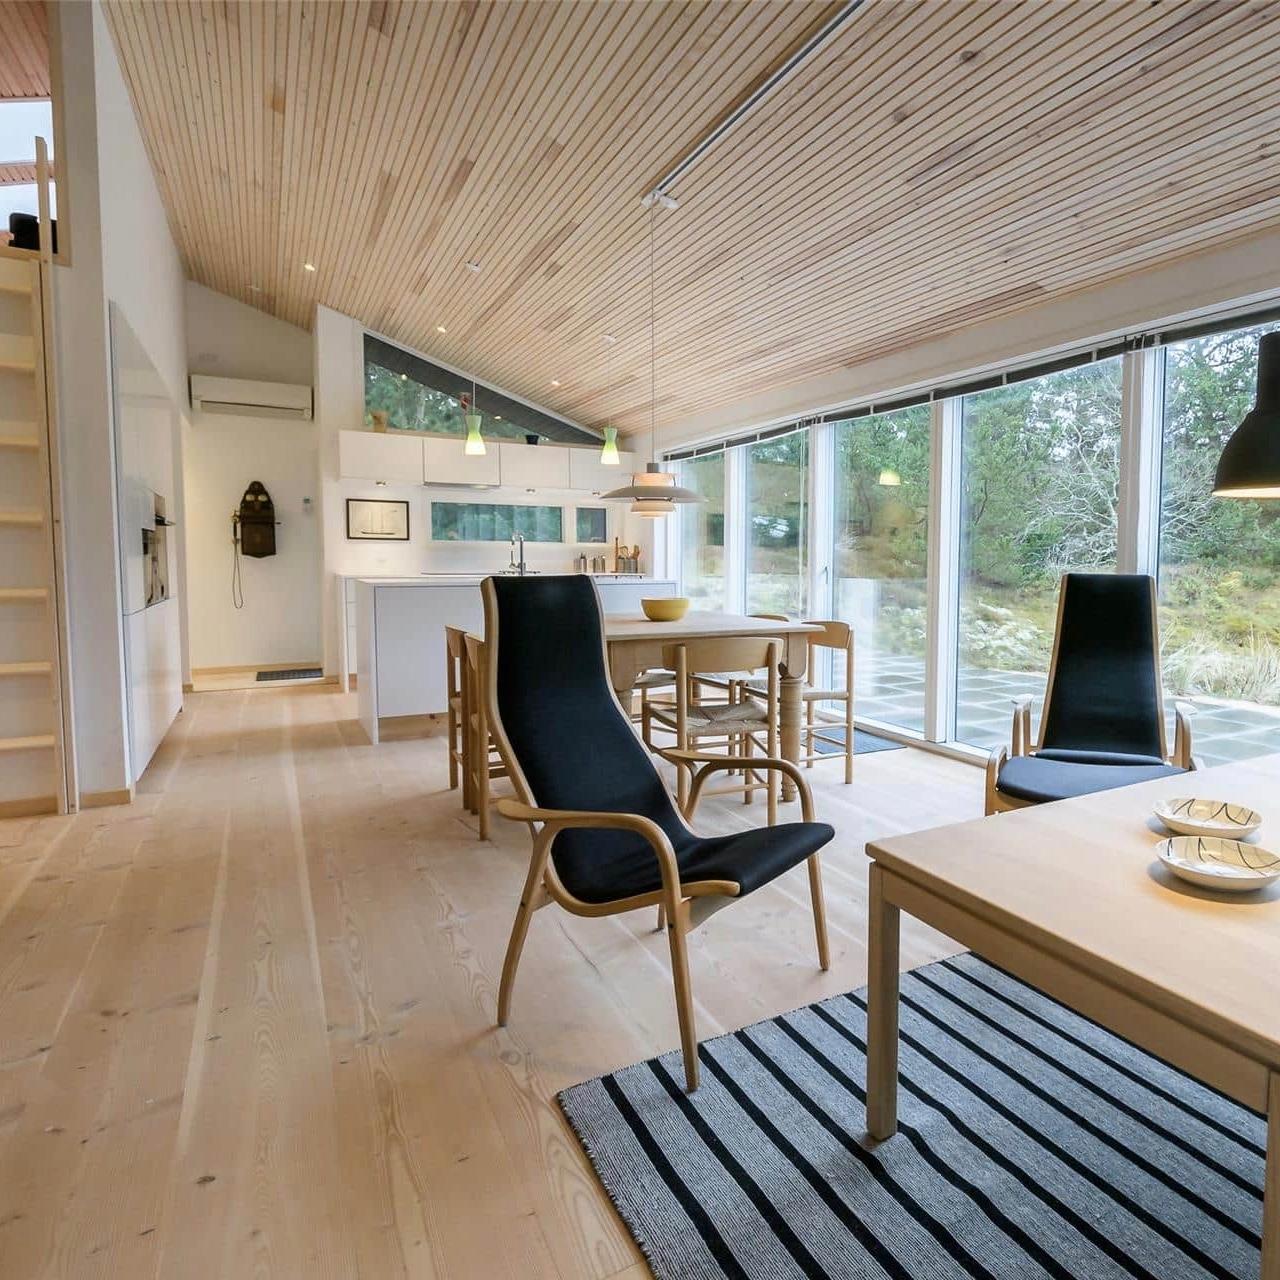 Doorkijk van zithoek naar eethoek en keuken, grote ramen tot op de grond